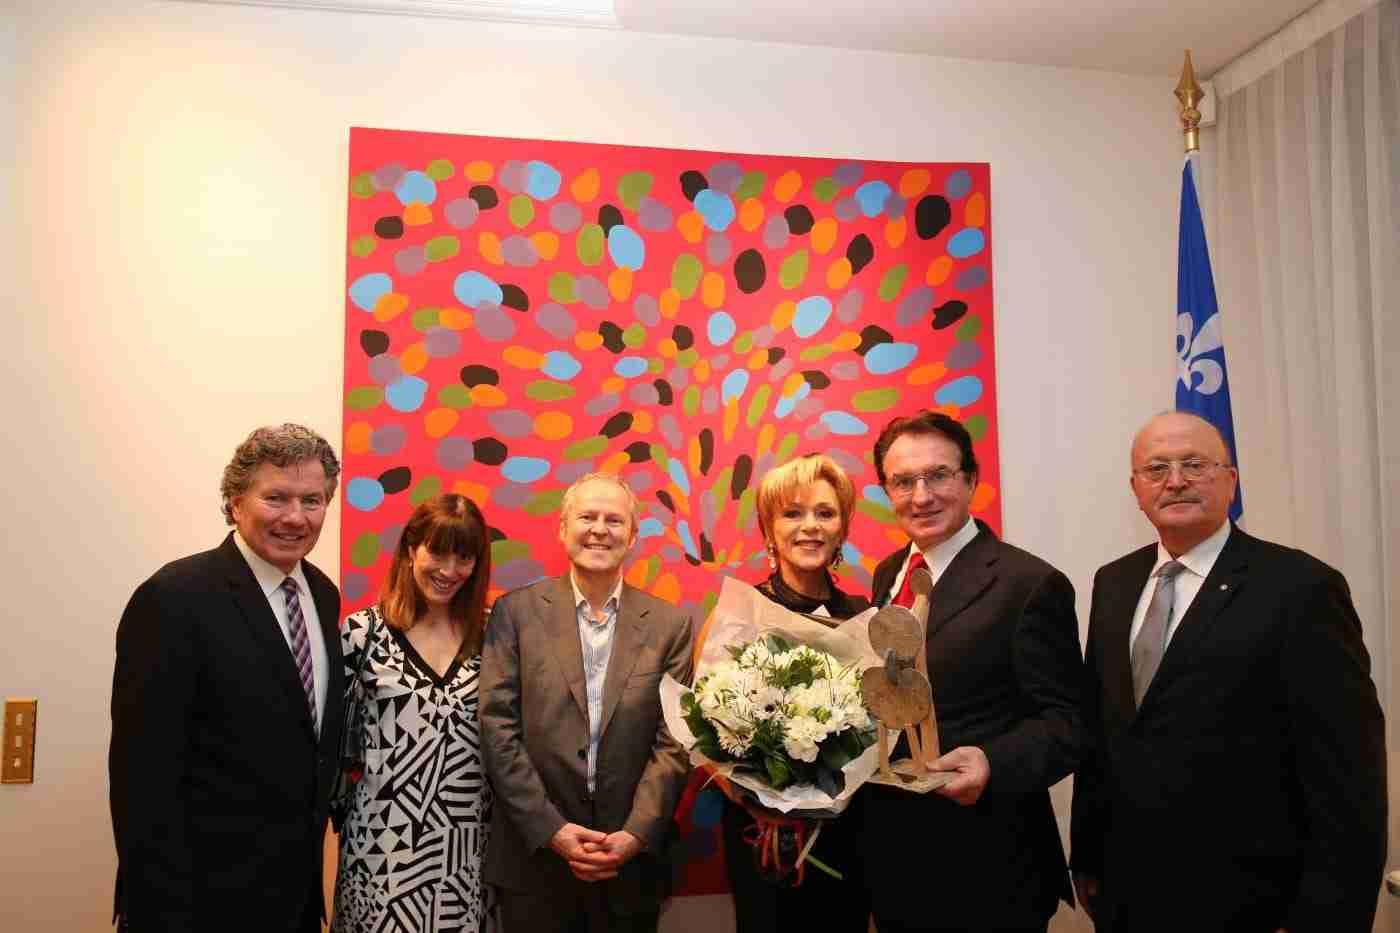 De gauche à droite: le Délégué Général Michel Robitaille, Rachelle Sorin, Administratrice du CDEFQ, Yves Guillemot, Président-Fondateur d'Ubisoft, Monsieur et Madame Le Duff et Jean-Luc Alimondo, Président du CDEFQ.